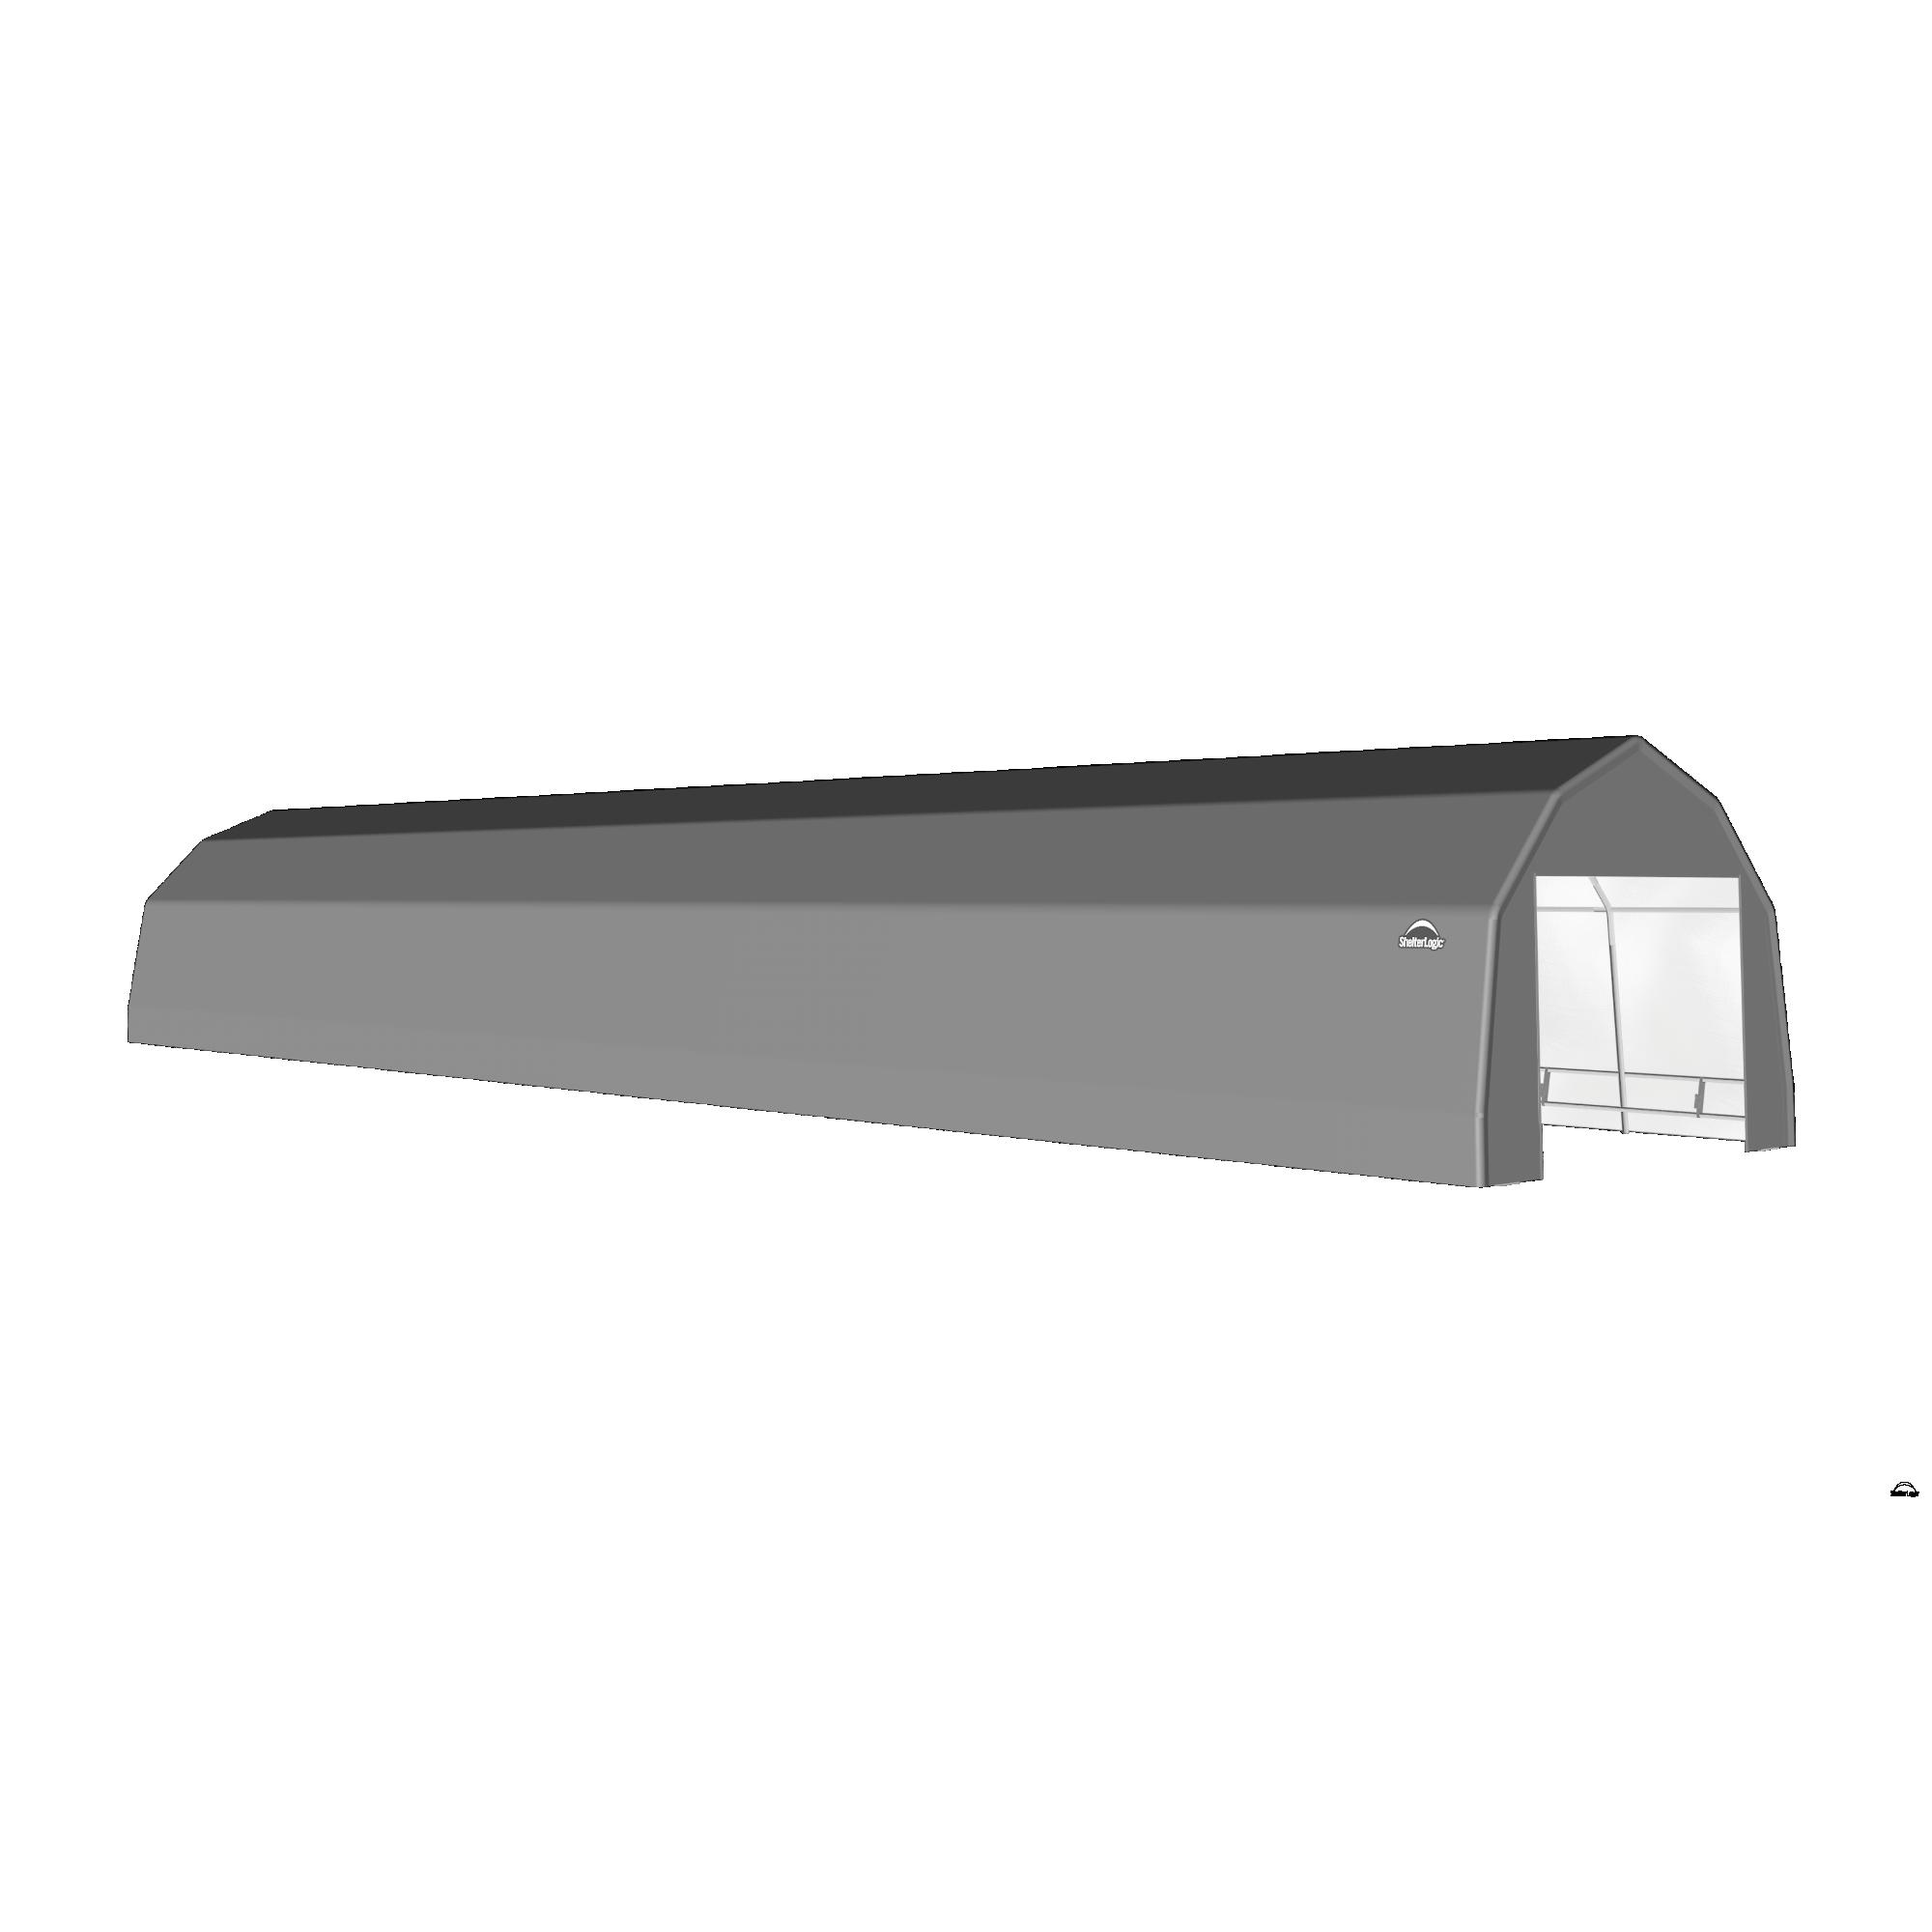 SP Barn 12X52X9 Gray 14 oz PE Shelter